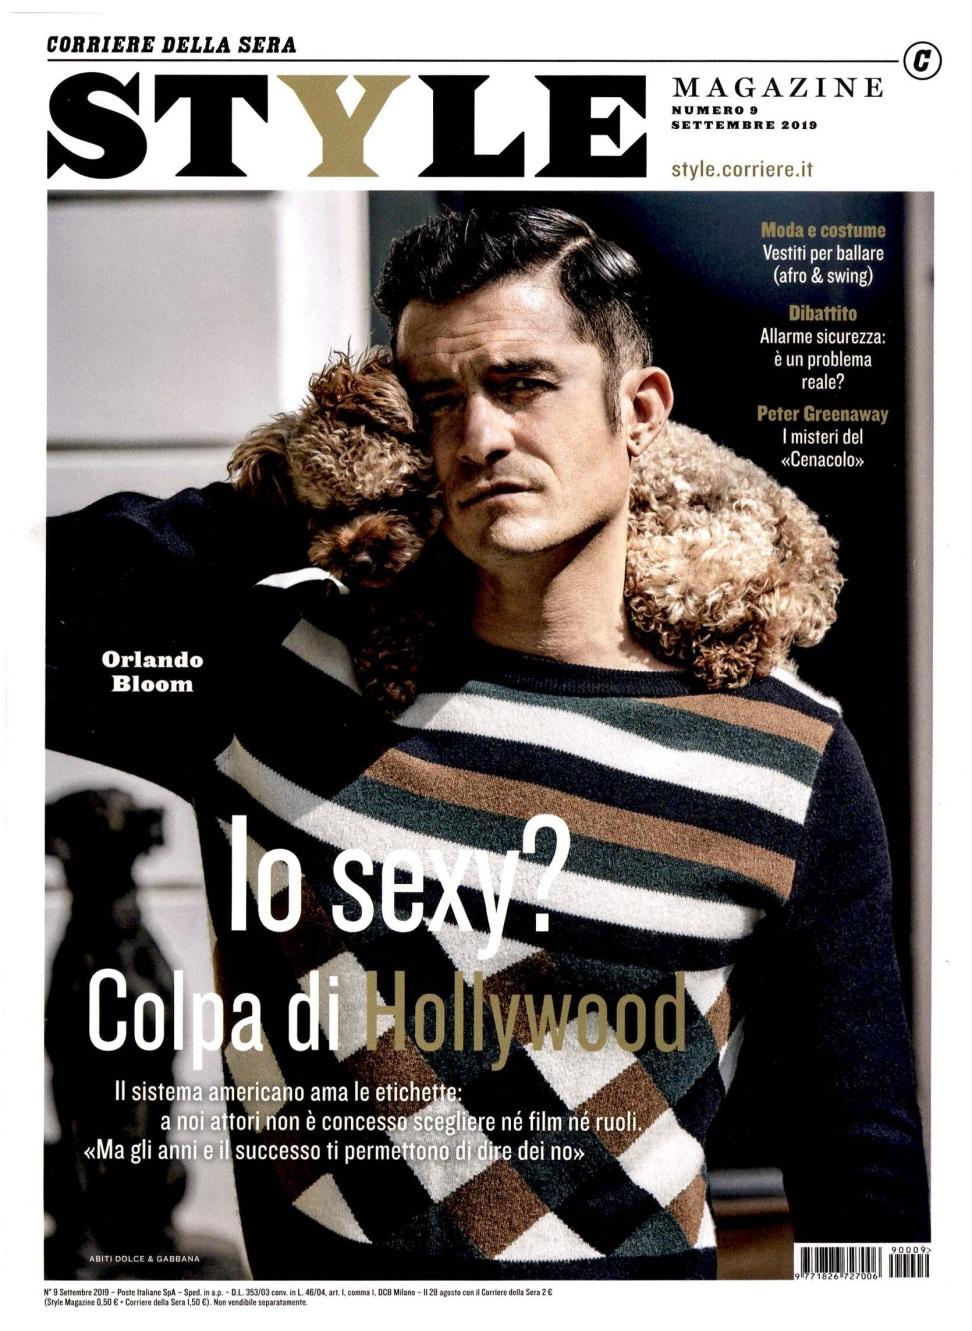 Briglia 1949 – Style Magazine – Settembre 2019